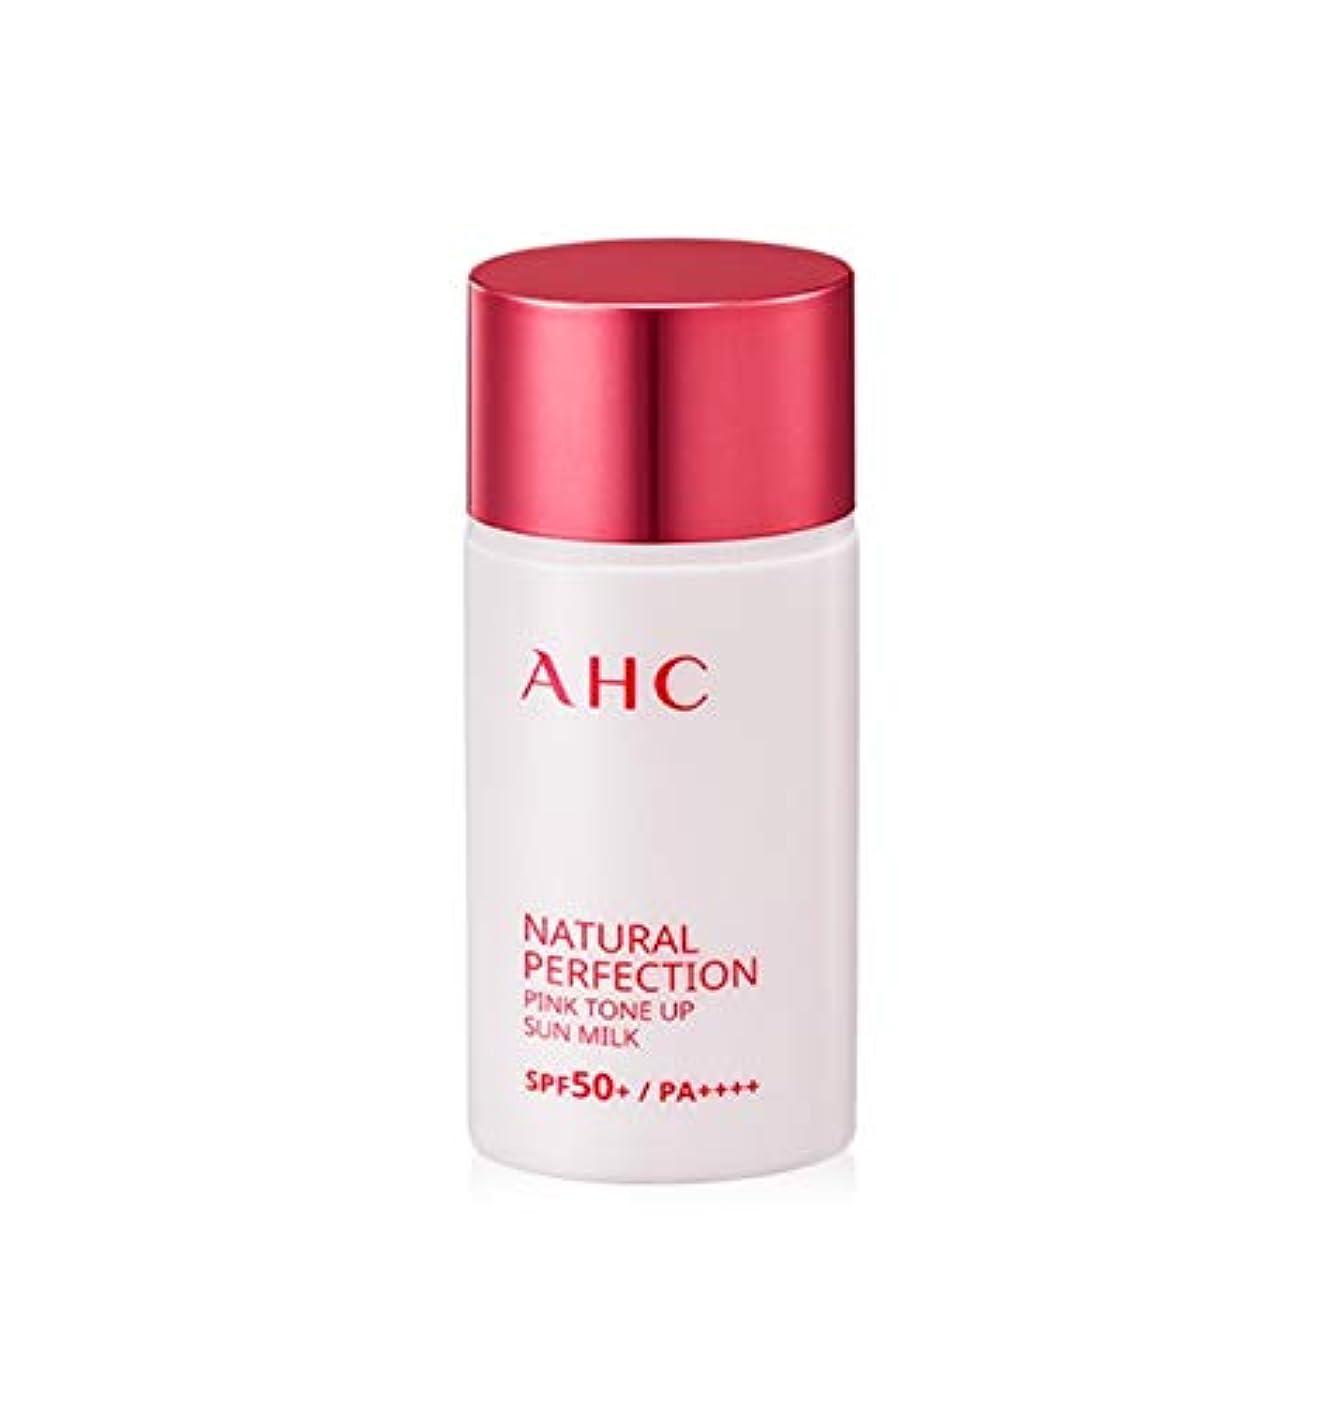 ぞっとするような同行数字AHC ナチュラルパーフェクションピンクトンオプ線ミルク 40ml / AHC NATURAL PERFECTION PINK TONE UP SUN MILK 40ml [並行輸入品]